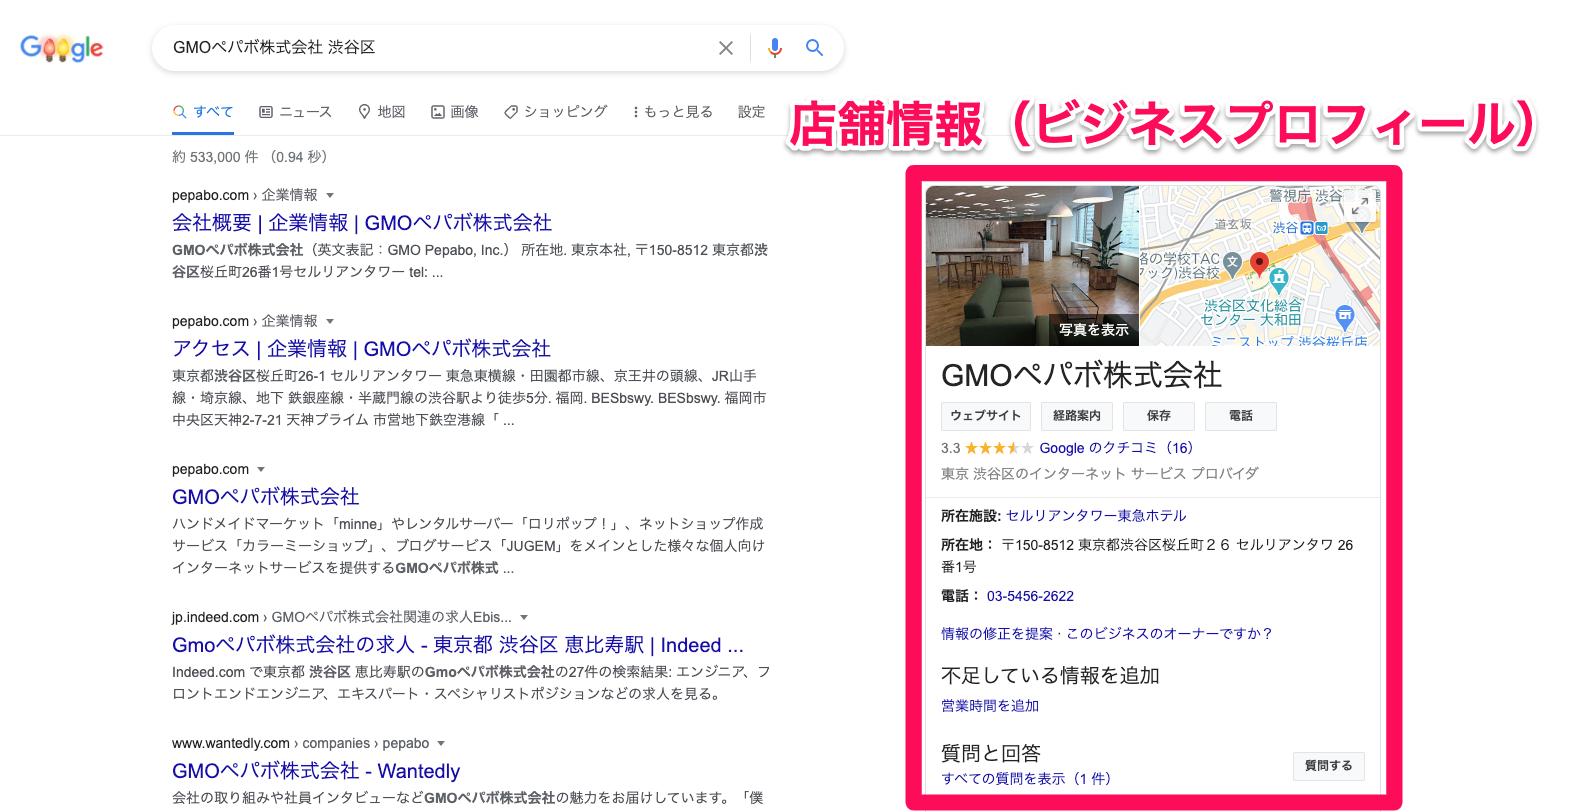 Googleマイビジネス-ビジネスプロフィール